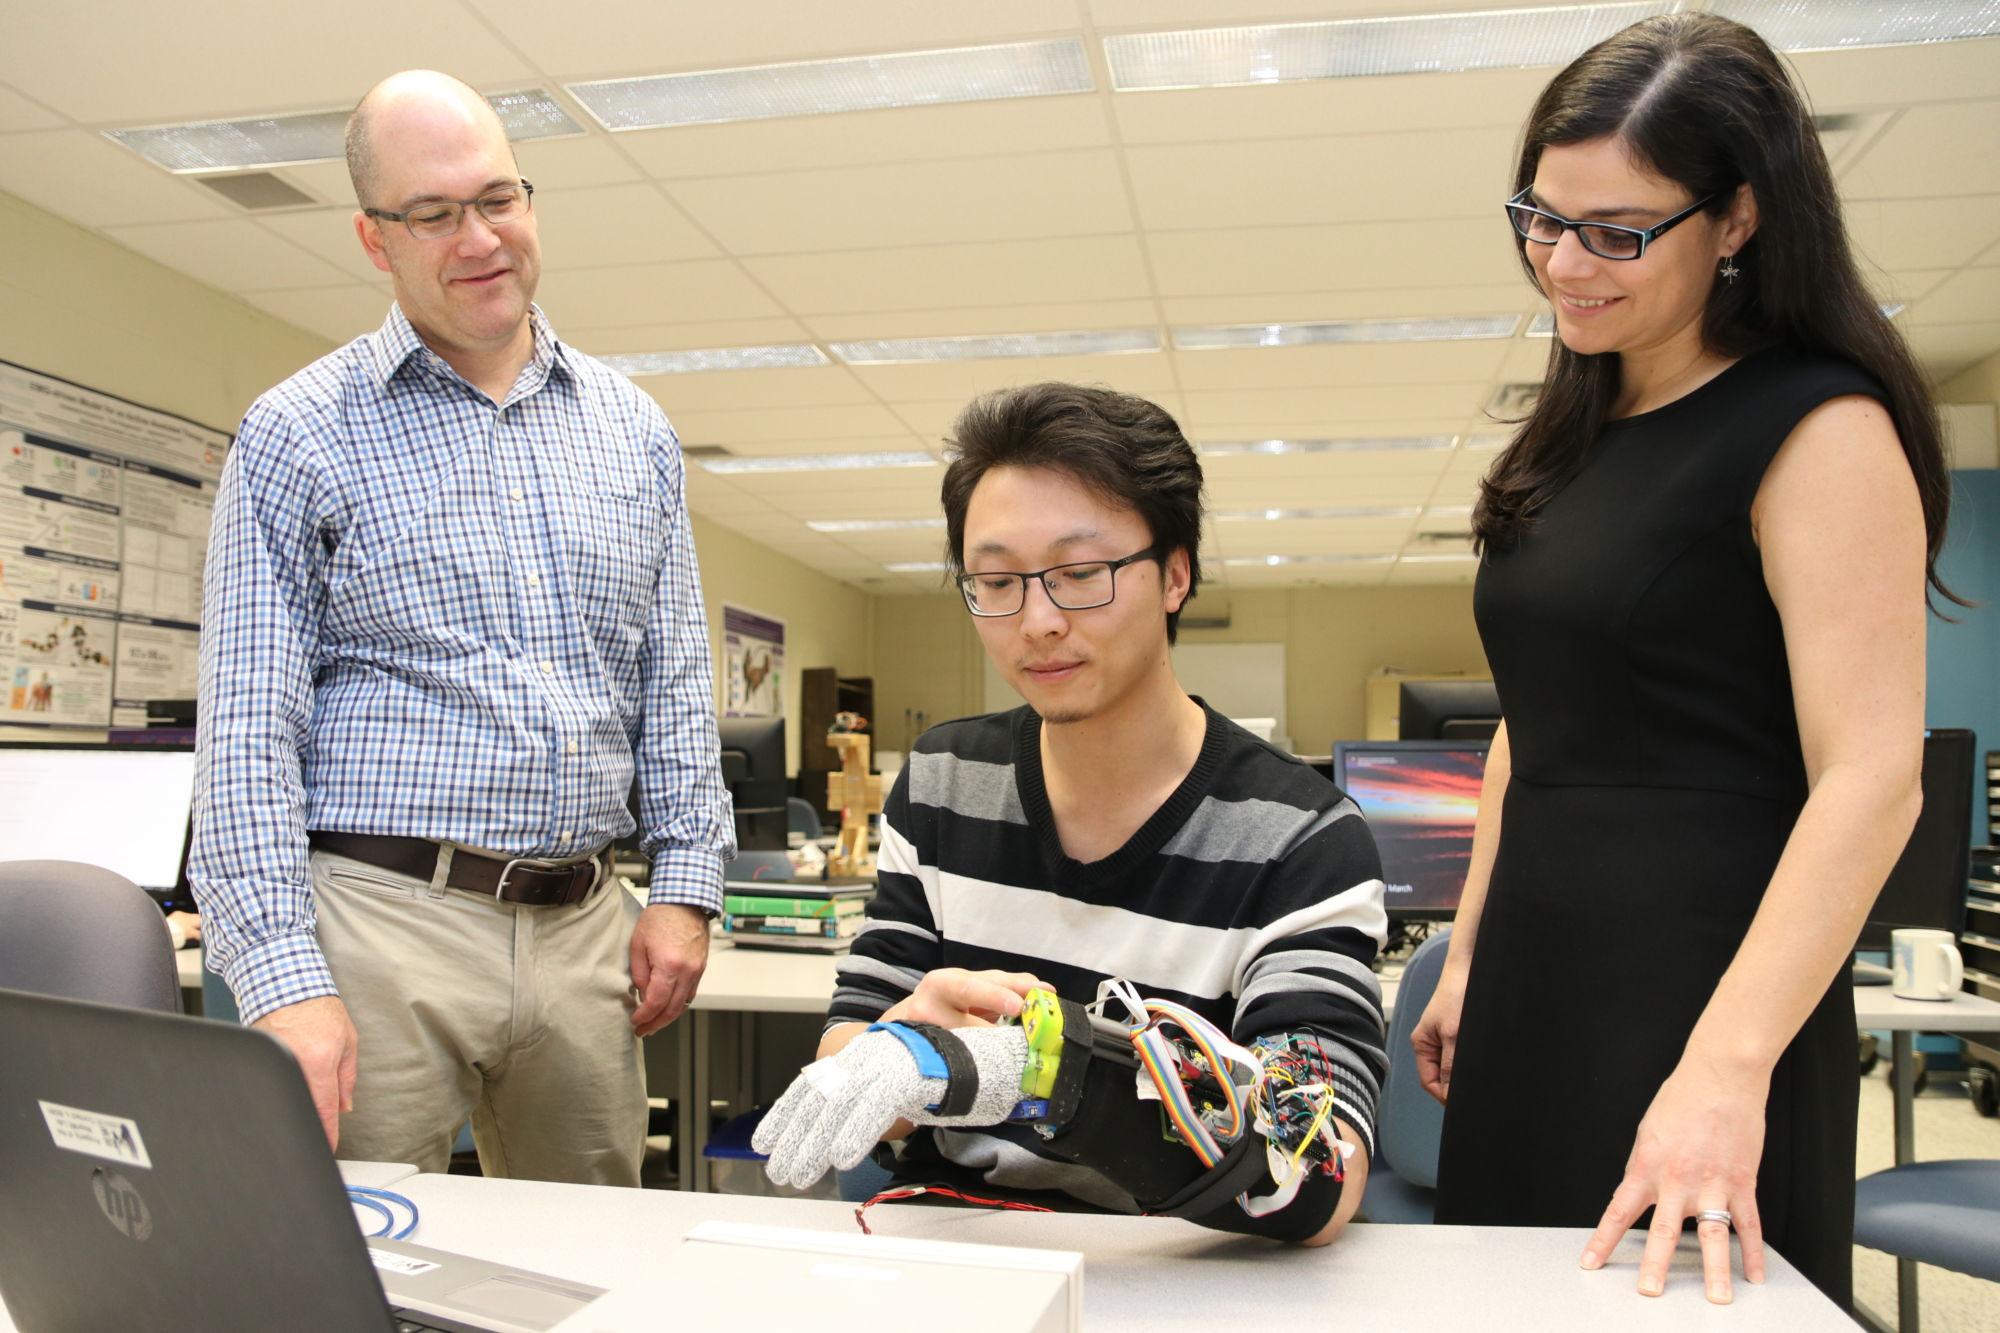 3d gedruckter handschuh parkinson1 - 3D-gedruckter Handschuh für Parkinson-Patienten